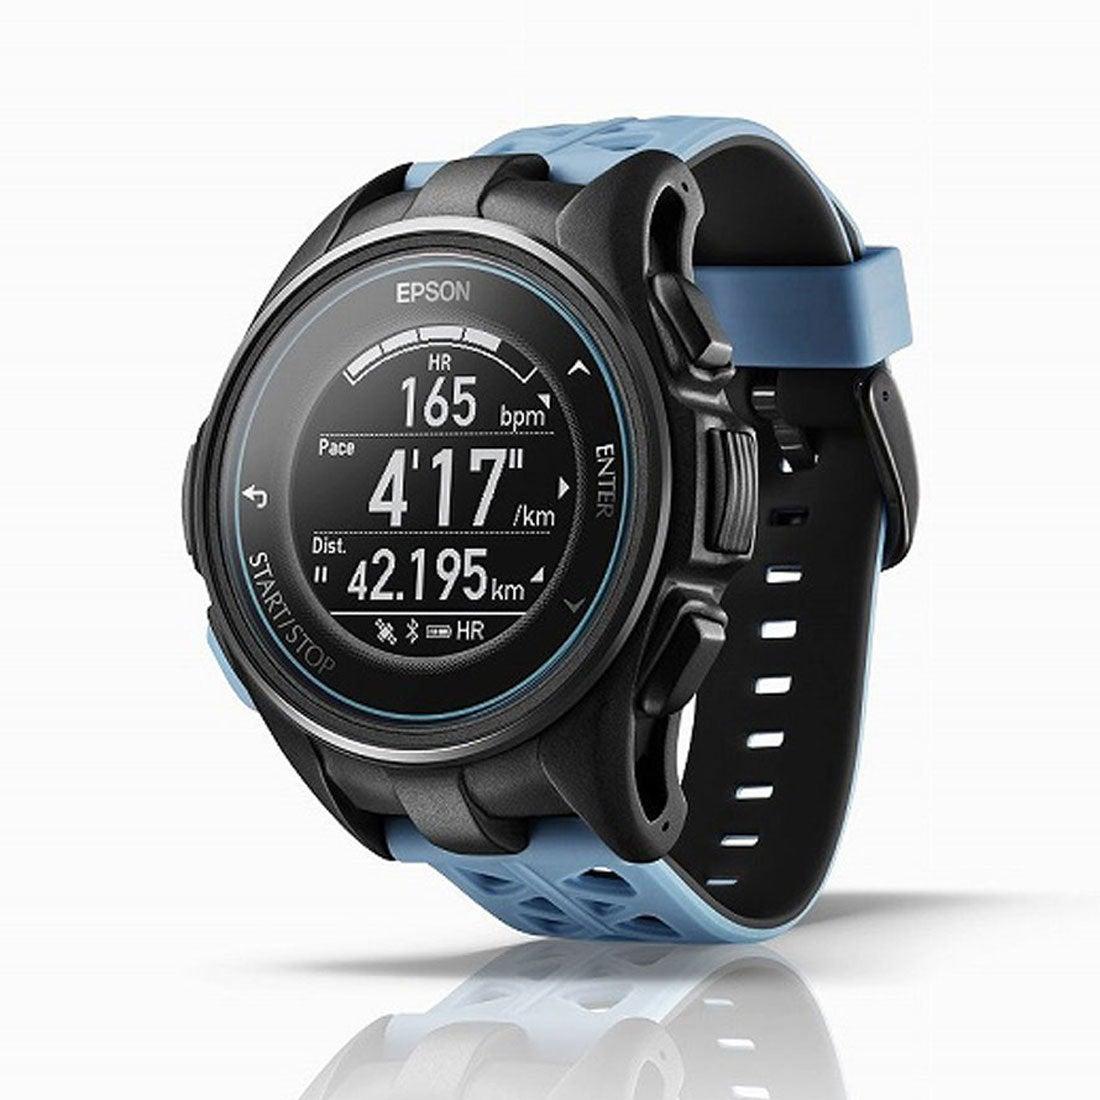 ロコンド 靴とファッションの通販サイトエプソンepsonユニセックス陸上/ランニング時計GPSランニングウォッチJ-300T5046